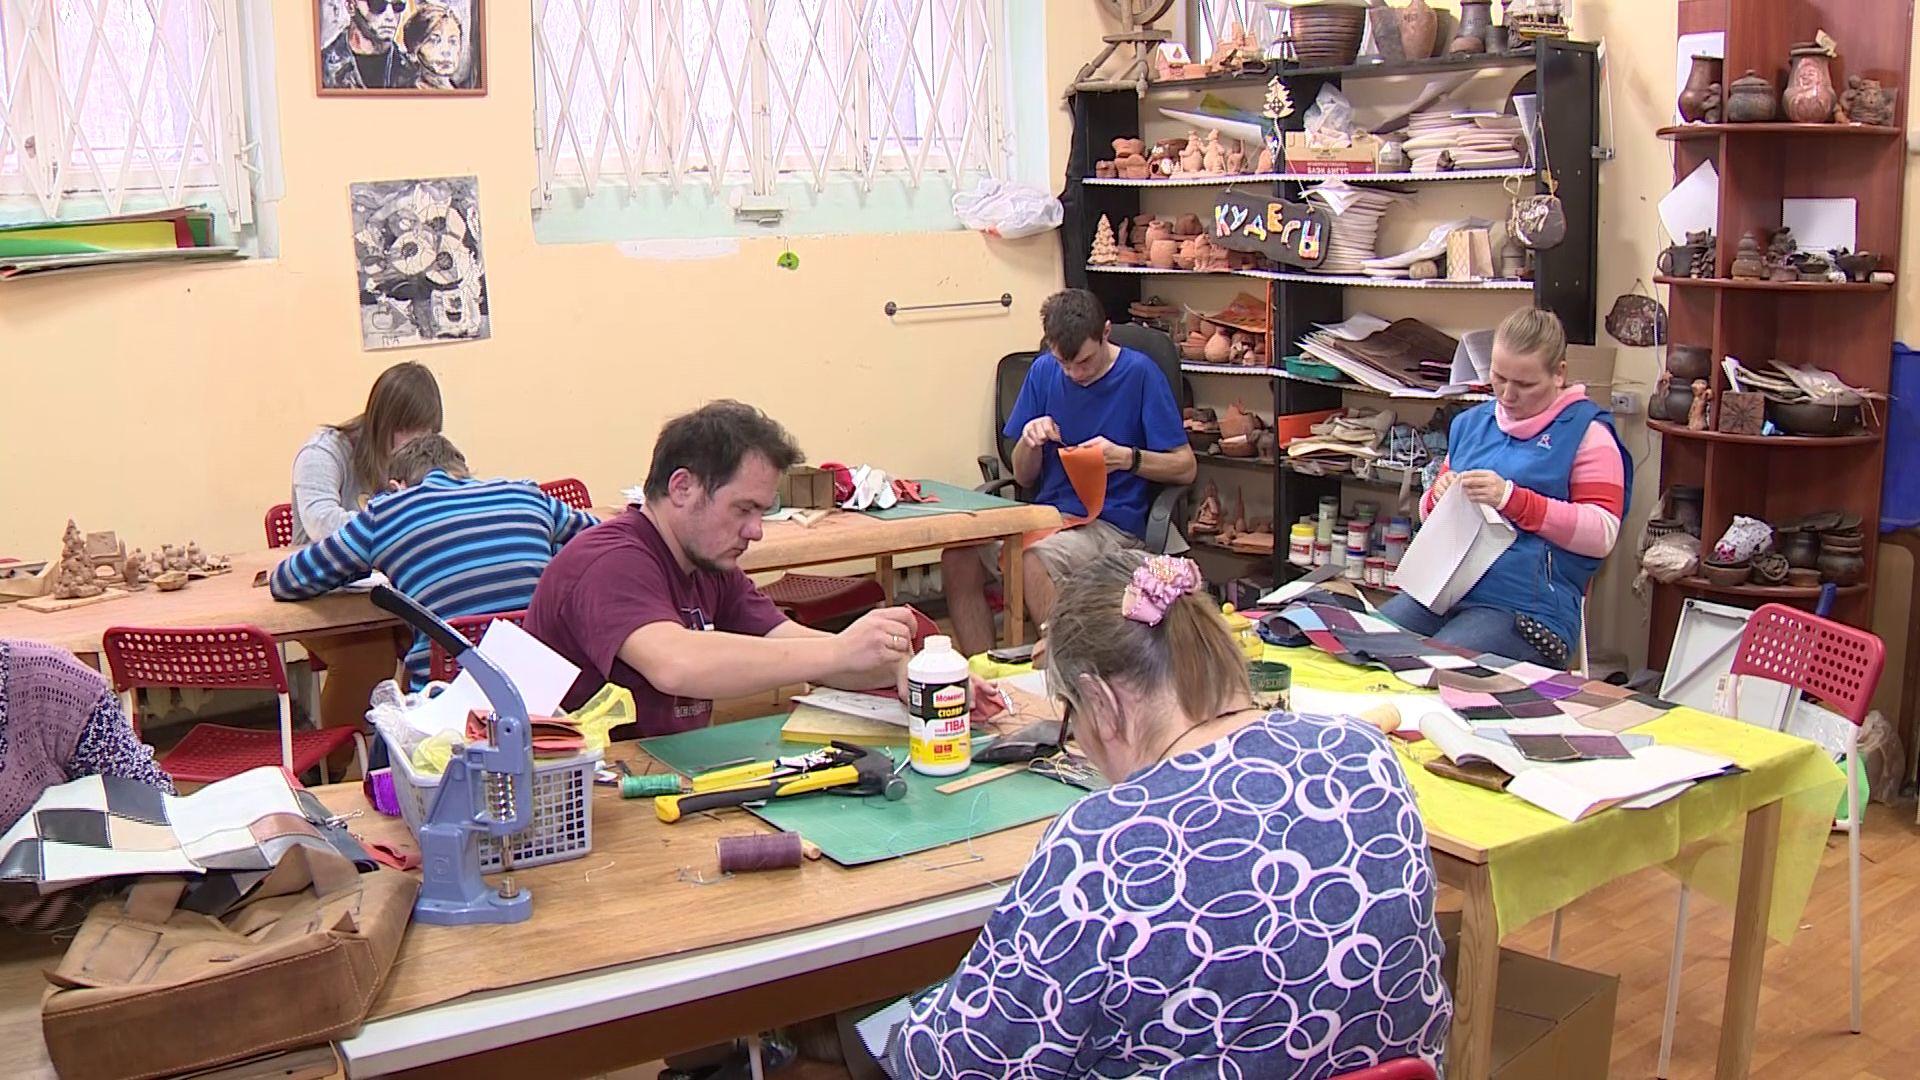 В Ярославле стартовал проект реабилитации для людей с ограниченными возможностями здоровья